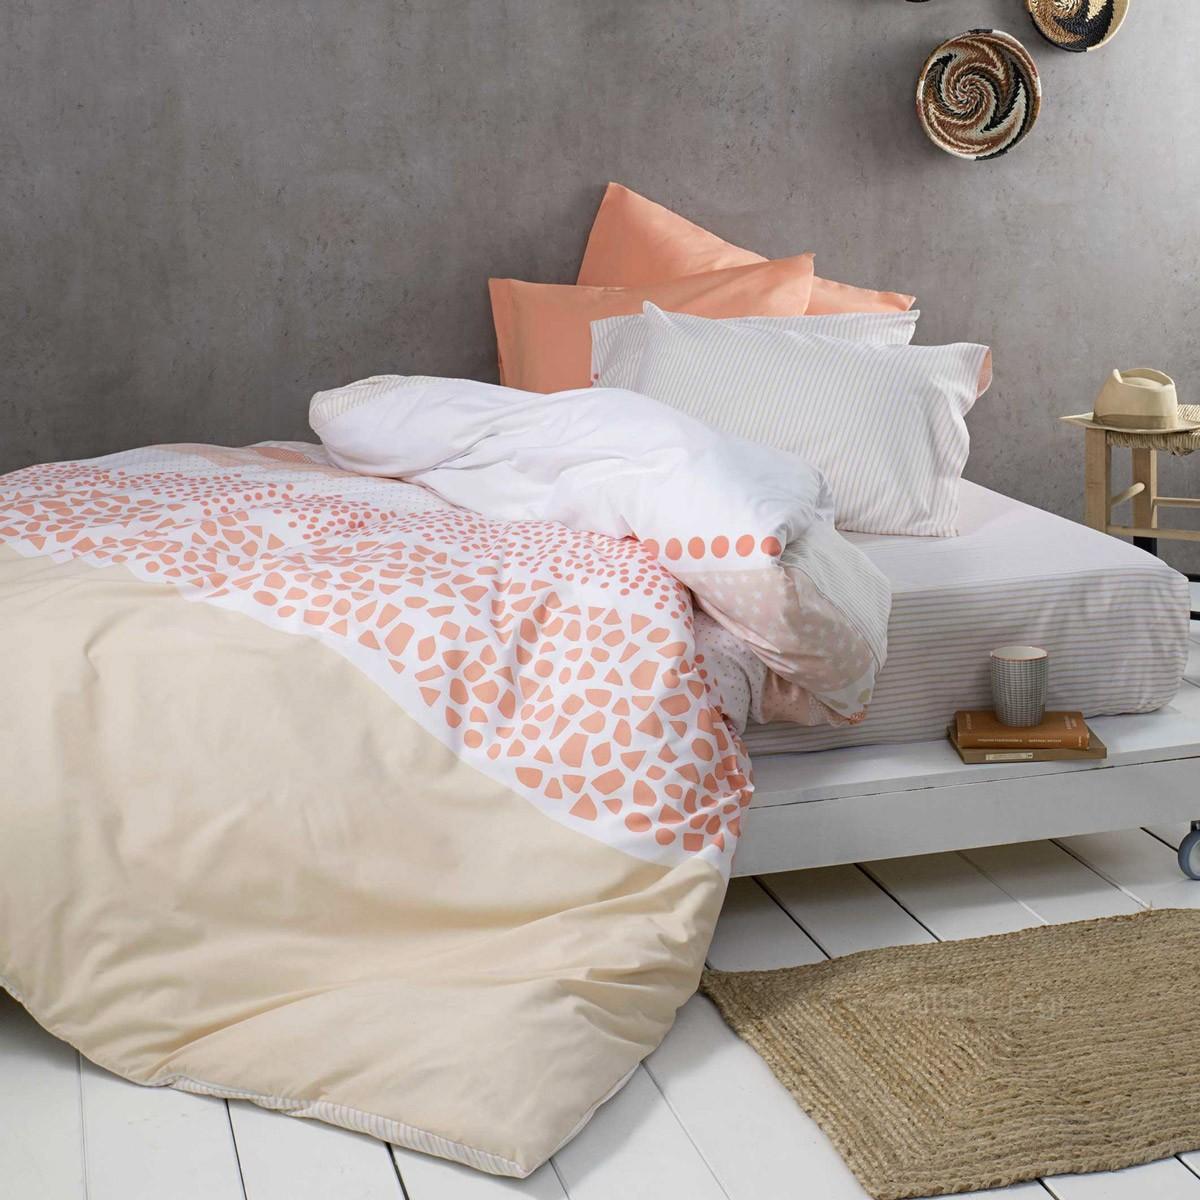 Κουβερλί Μονό Nima Bed Linen Adisha Coral